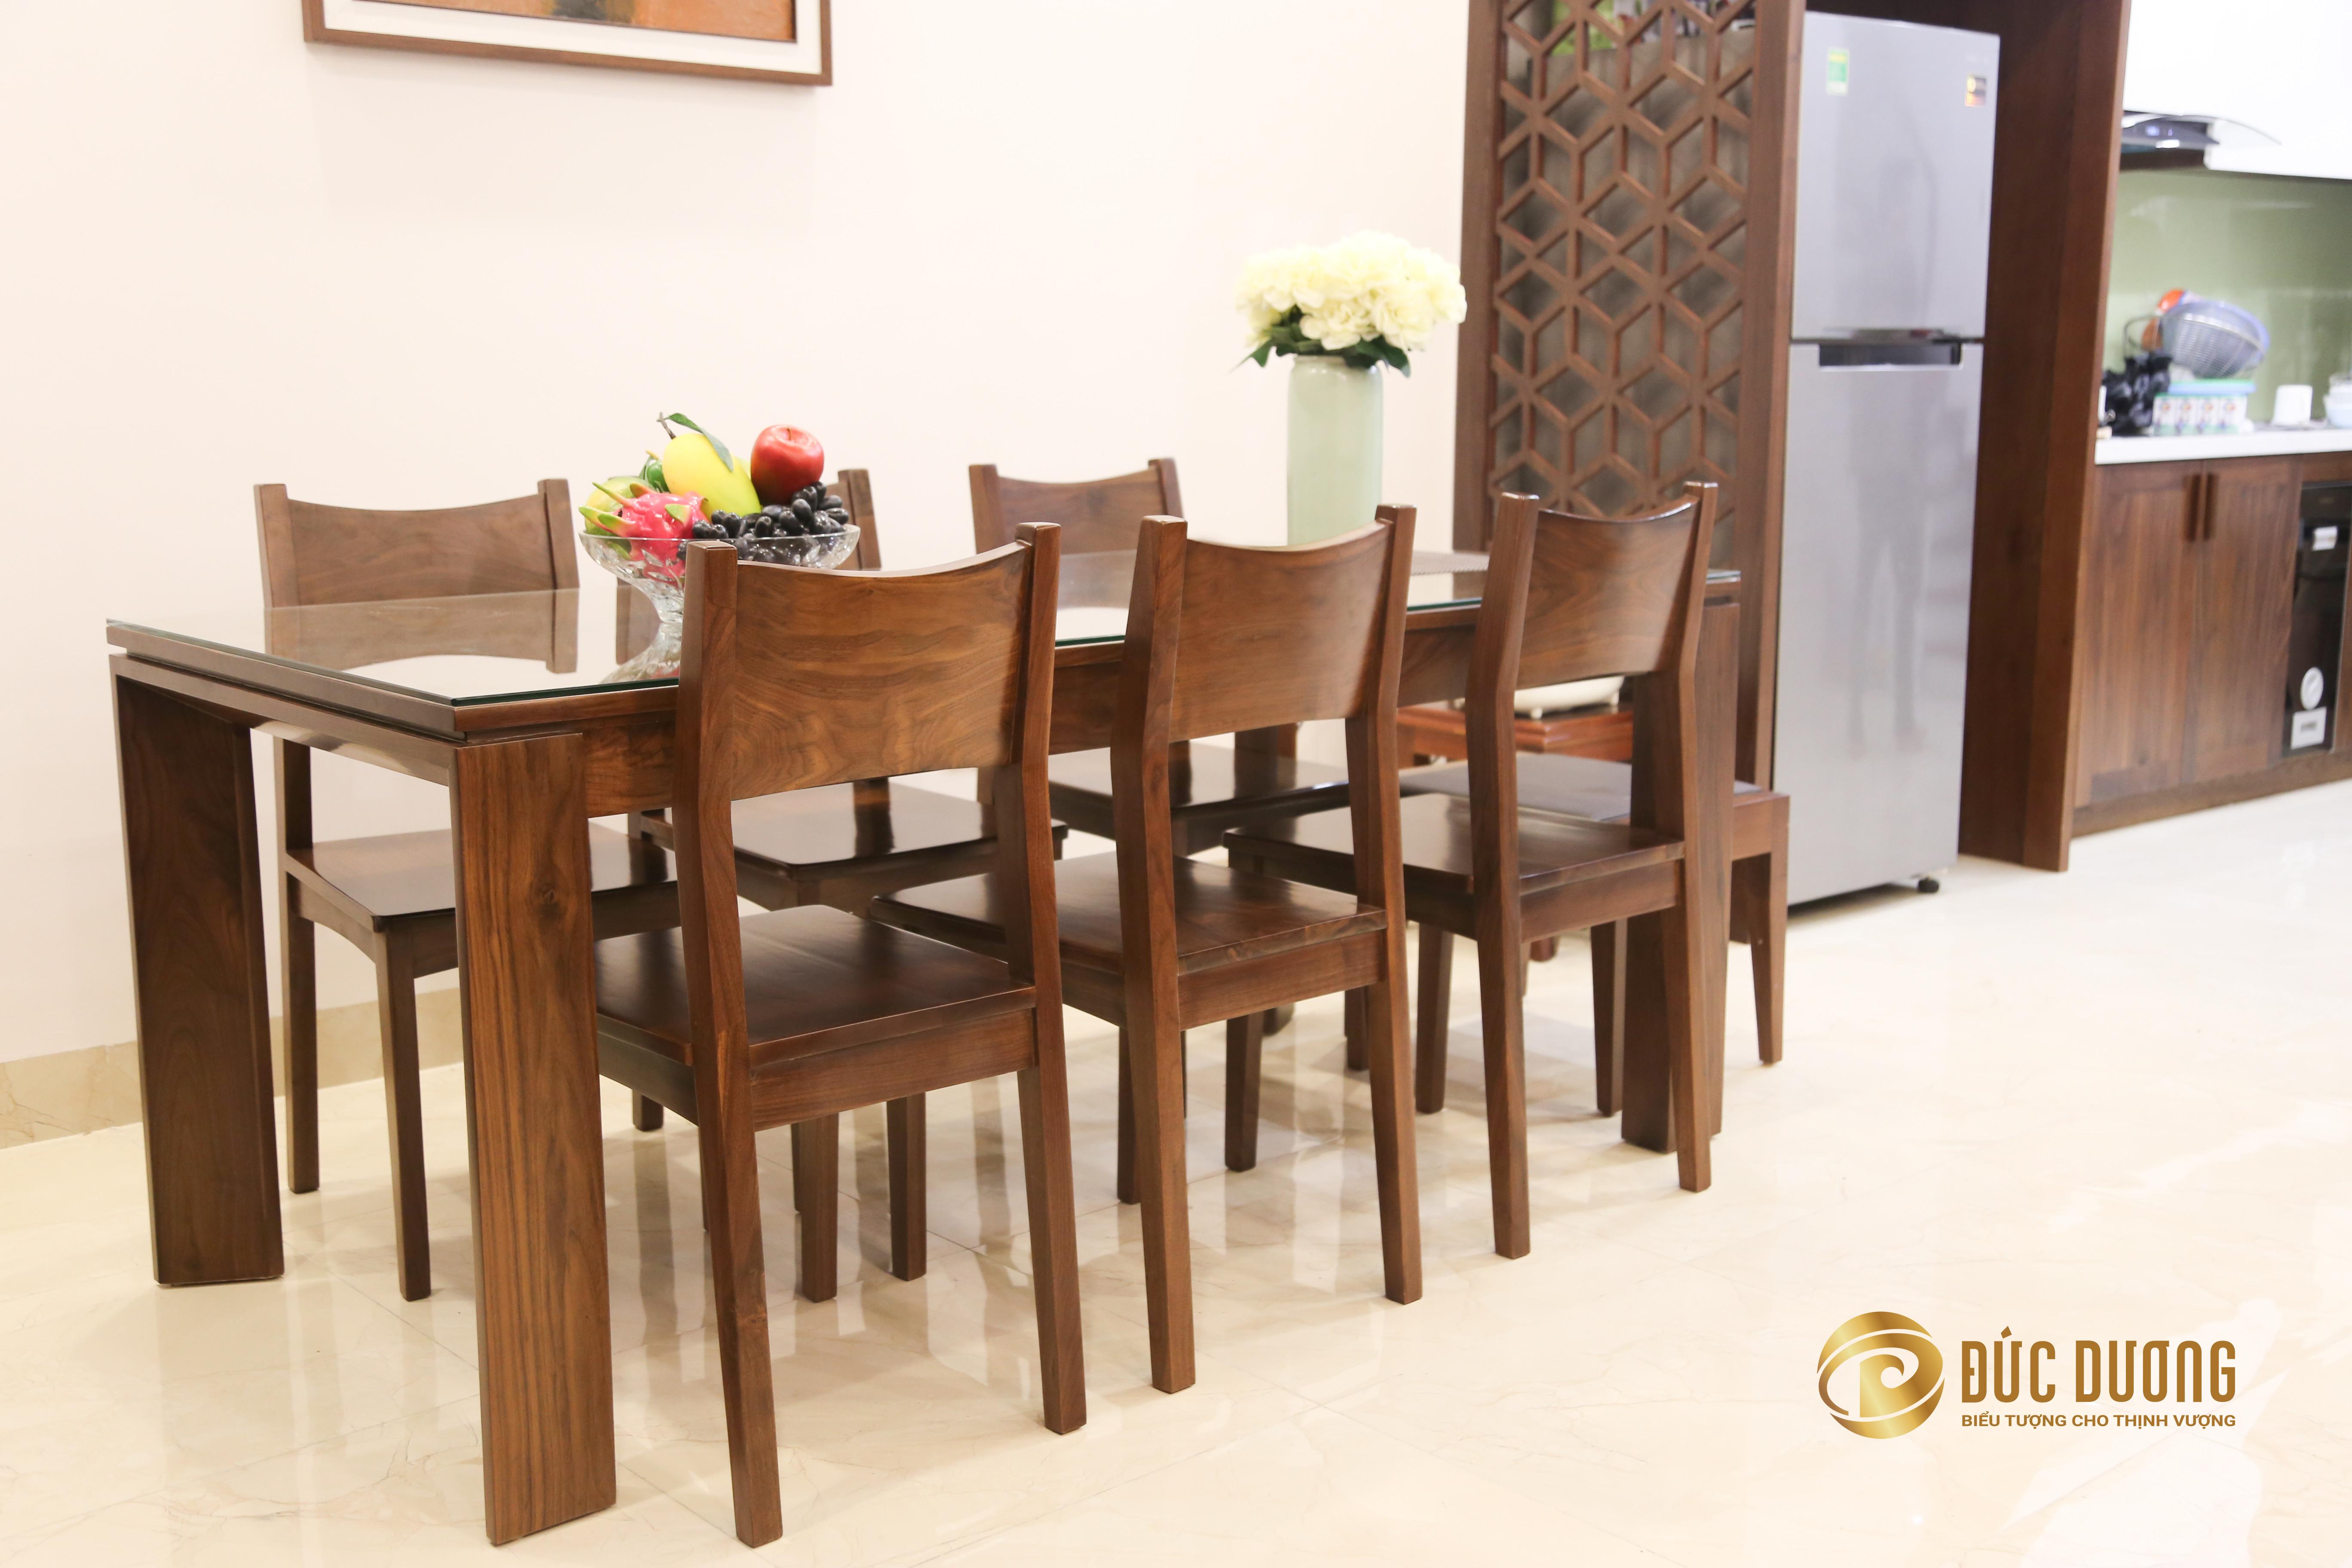 Bàn ghế nội thất gia đình phòng ăn